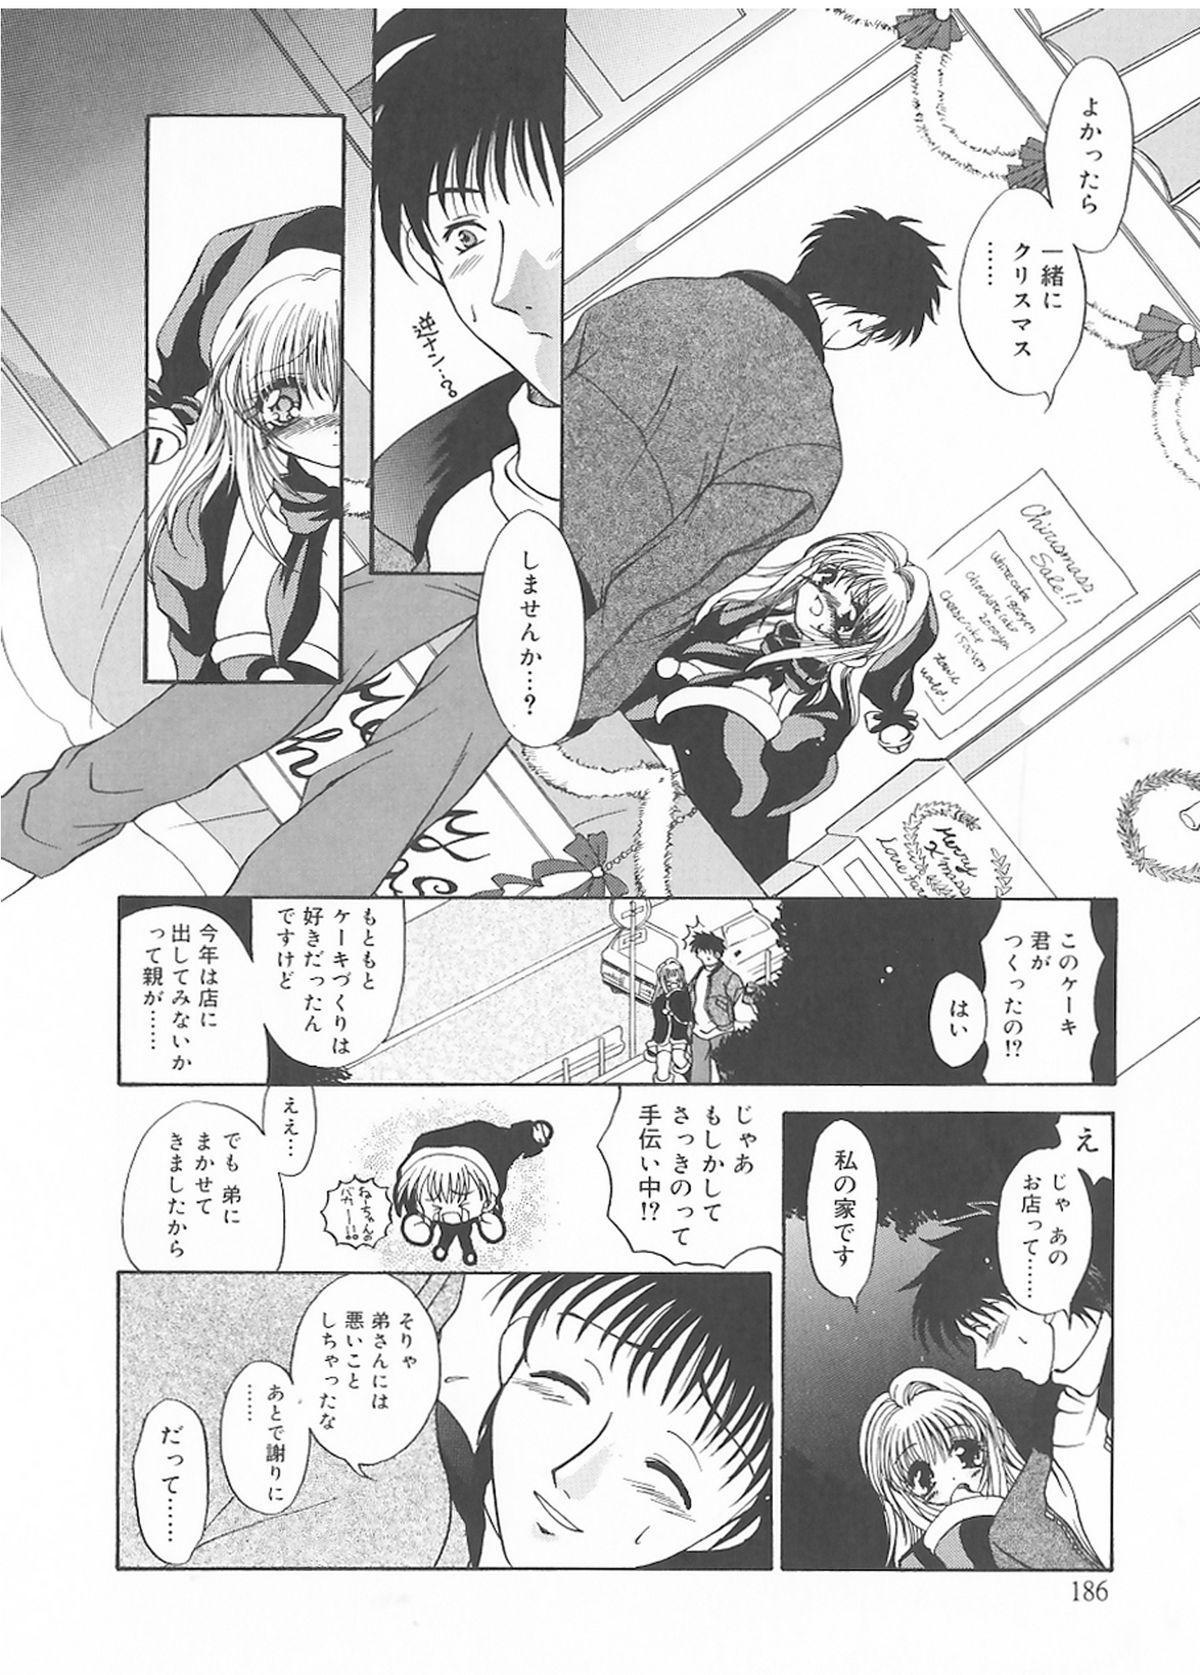 Cream Tengoku - Shinsouban 183